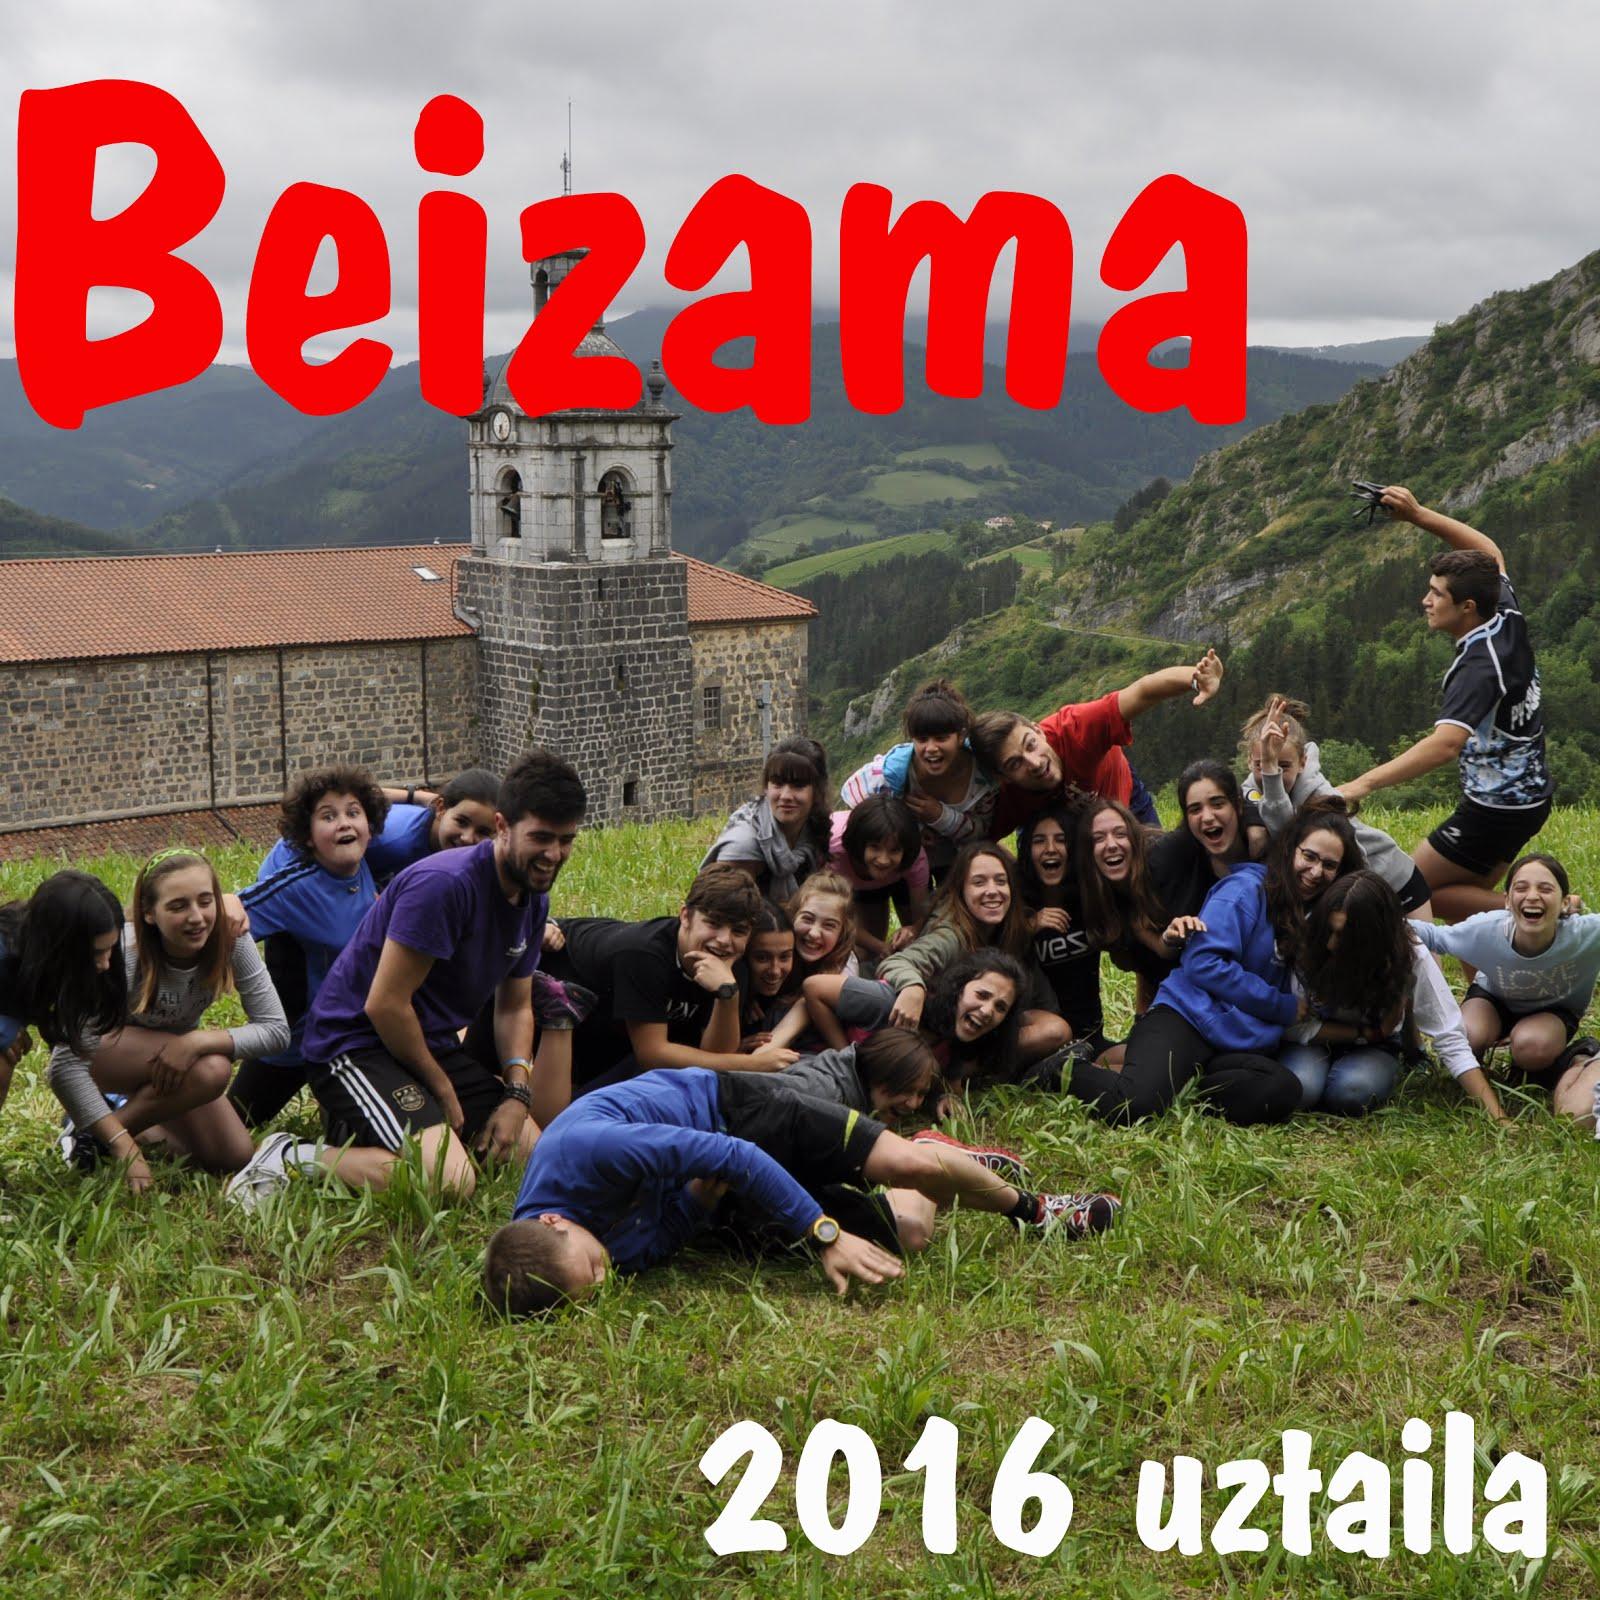 Beizama, 2016 uztaila